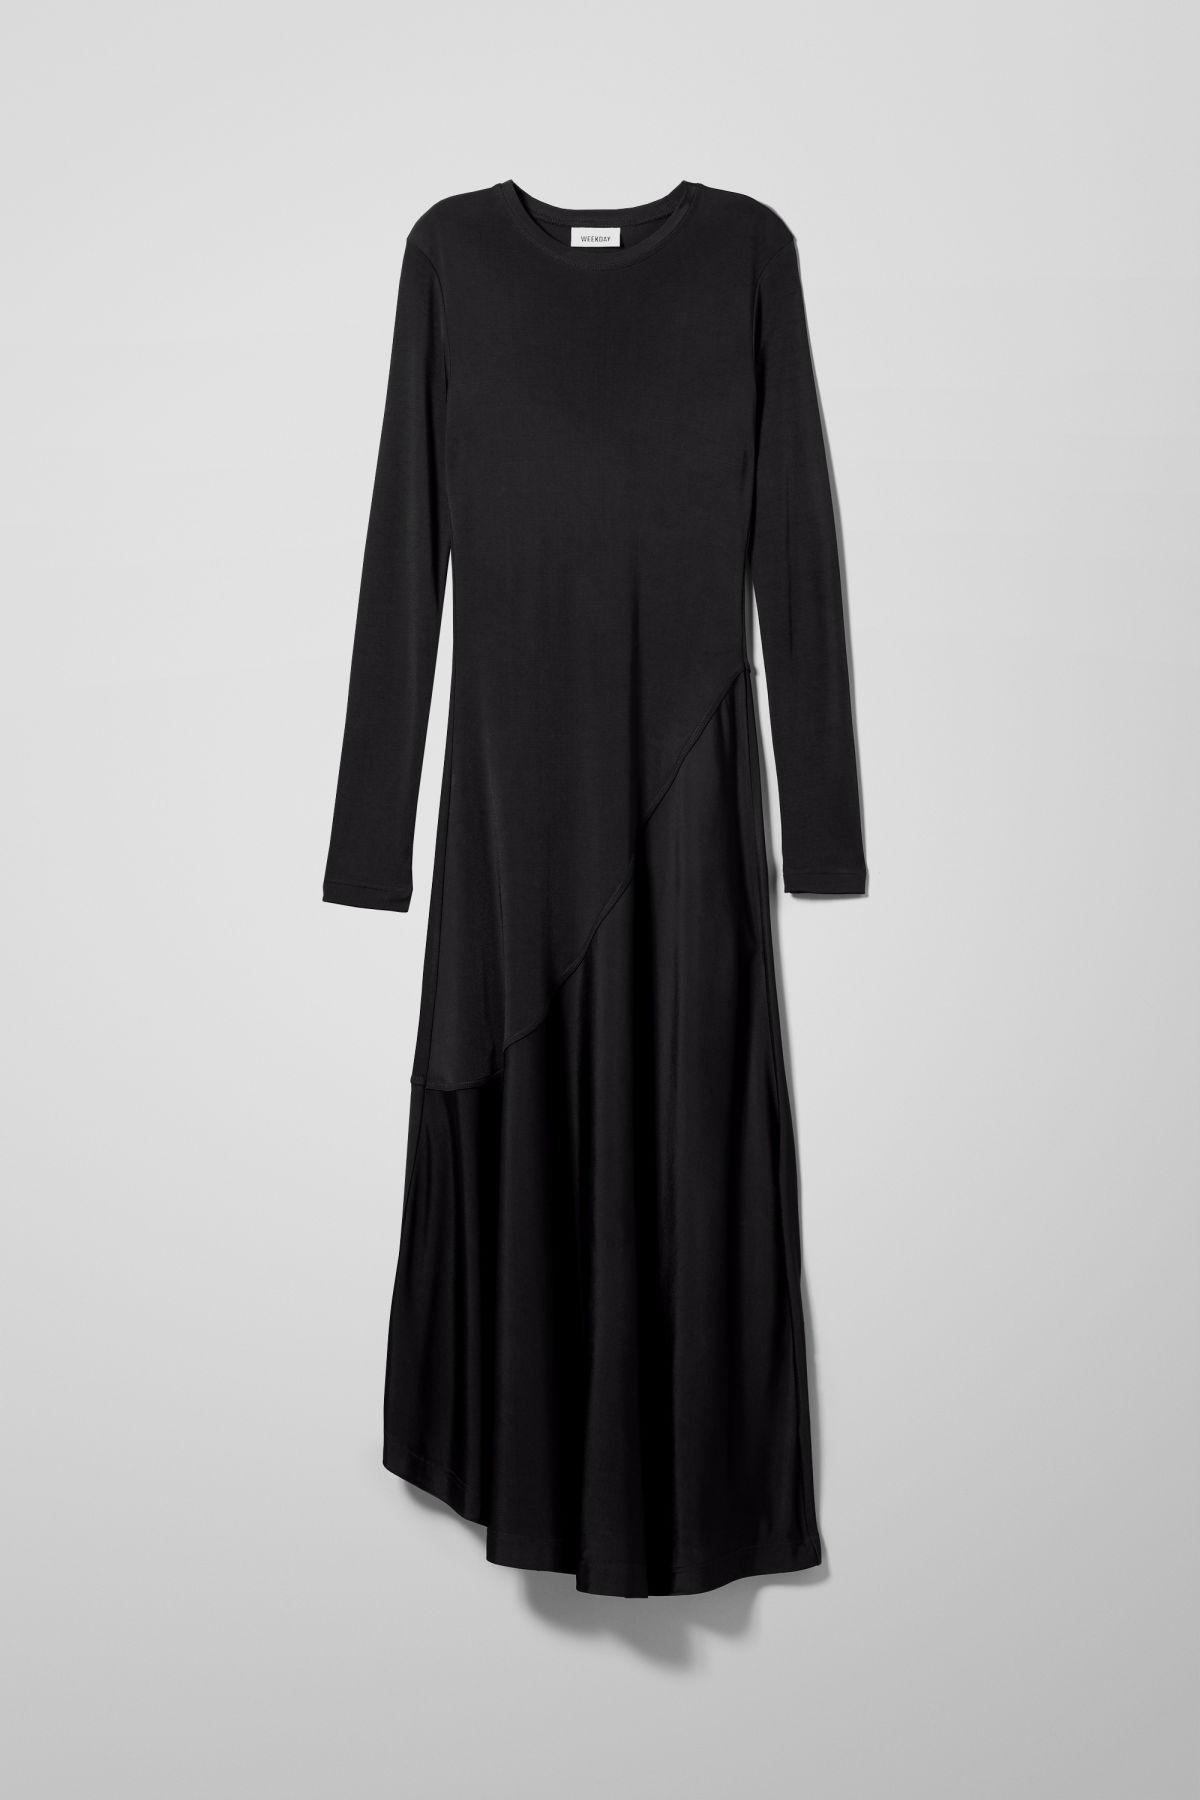 Image of Karen Dress - Black-XS